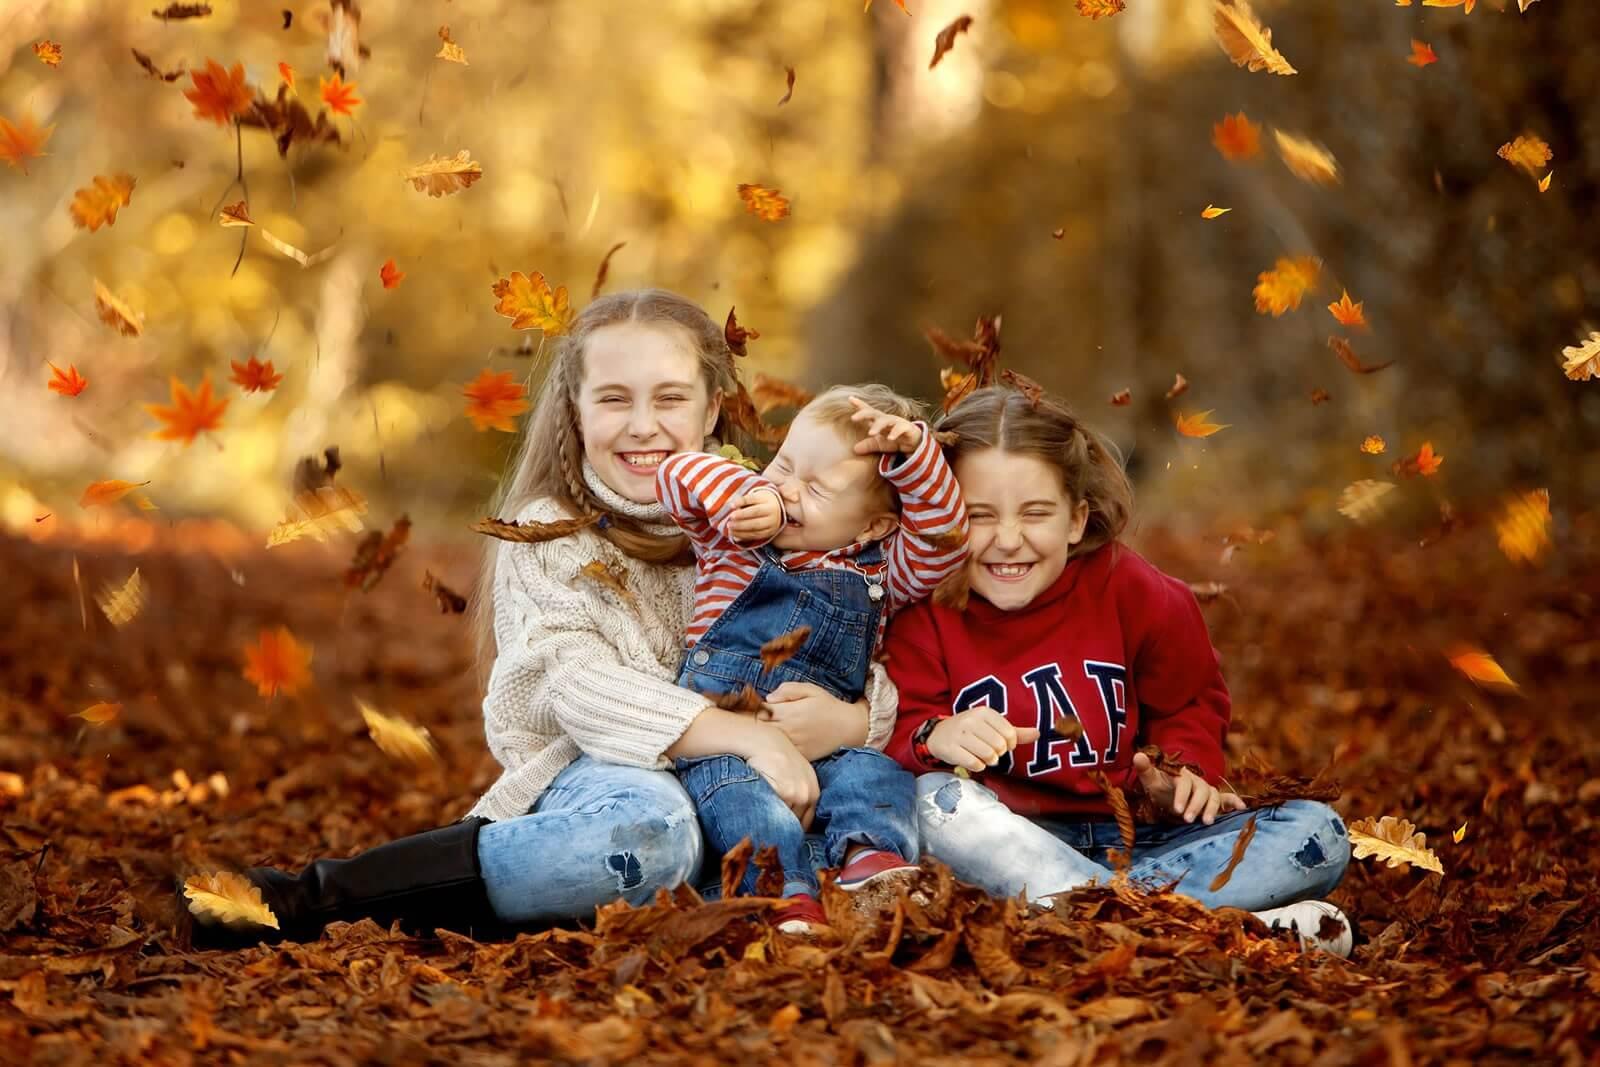 Bioresonanca okrepi otrokov imunski sistem